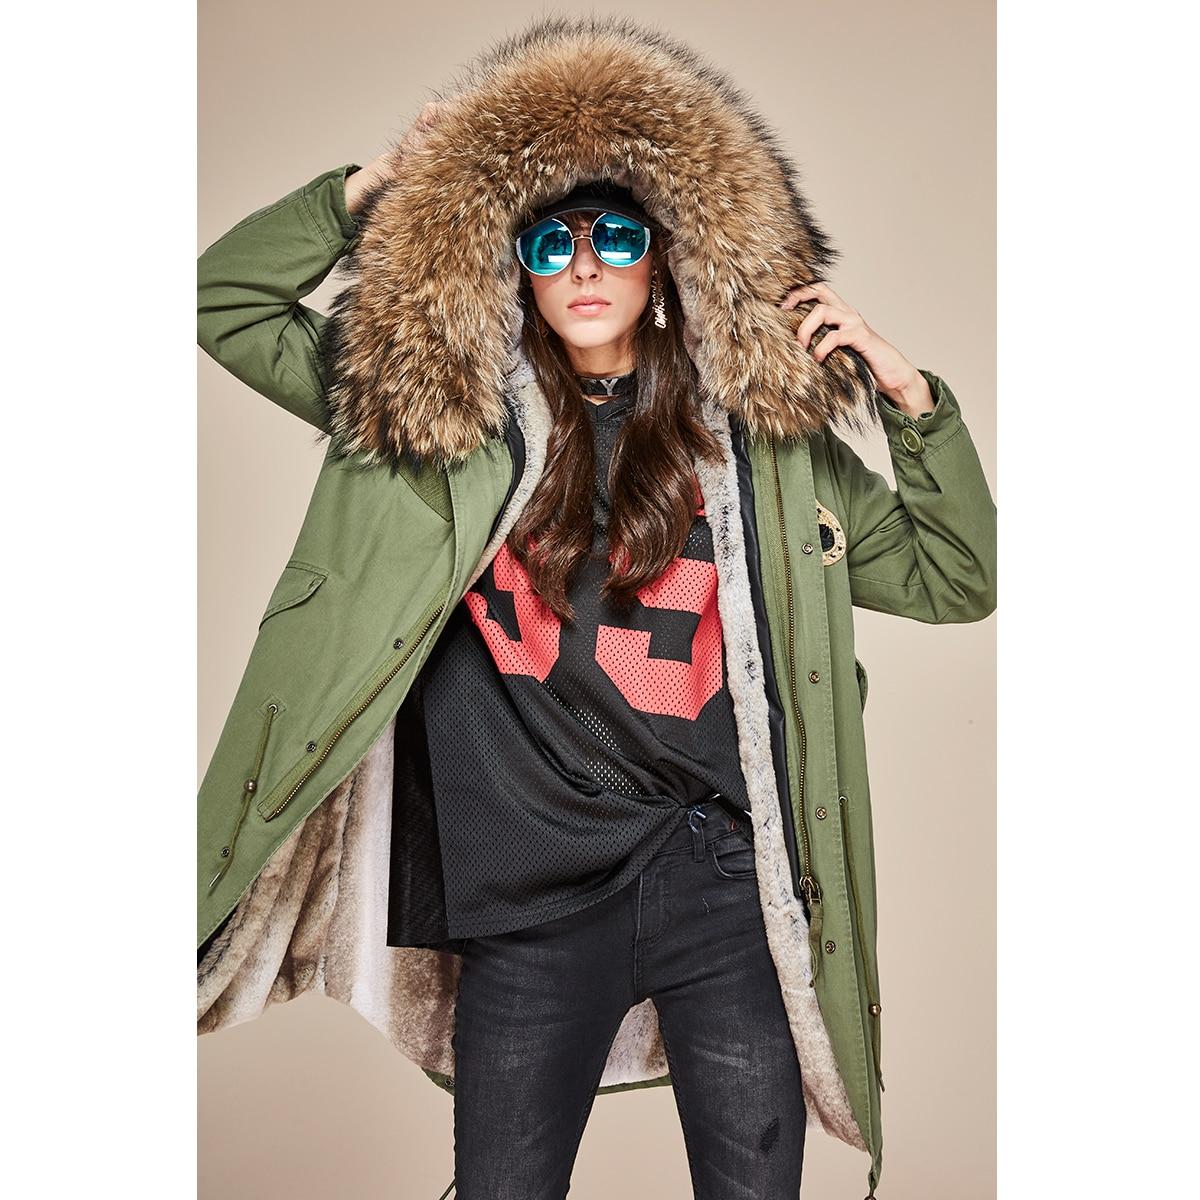 JAZZEVAR 2019 Neue Mode Winter Frau Große waschbären Pelz Kragen parka midi Mit Kapuze Mantel Outwear perlen Military Lange Jacke-in Parkas aus Damenbekleidung bei  Gruppe 2